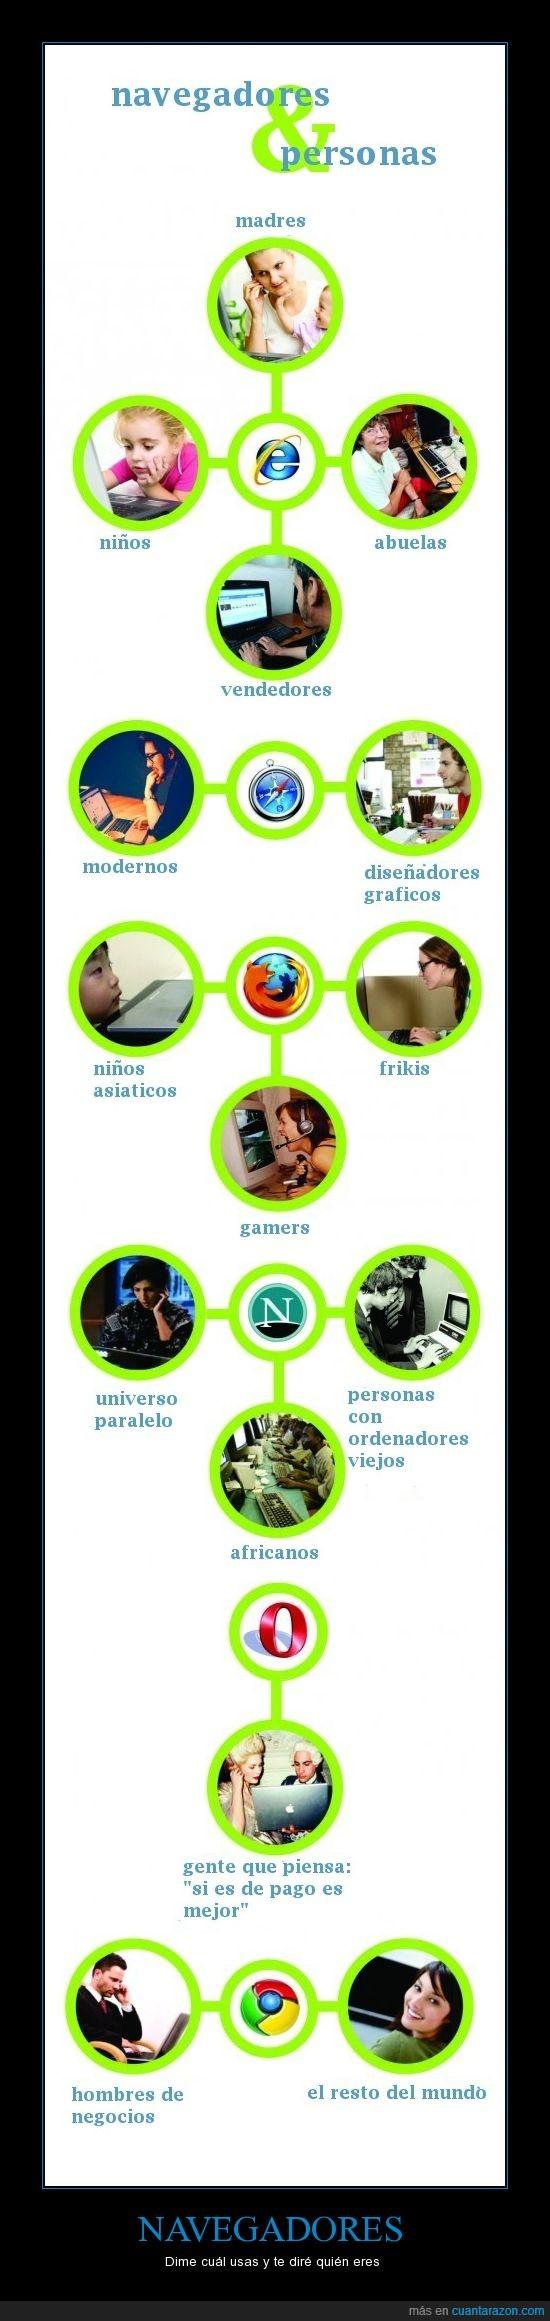 chrome,explorer,mozilla,navegador,opera,personas